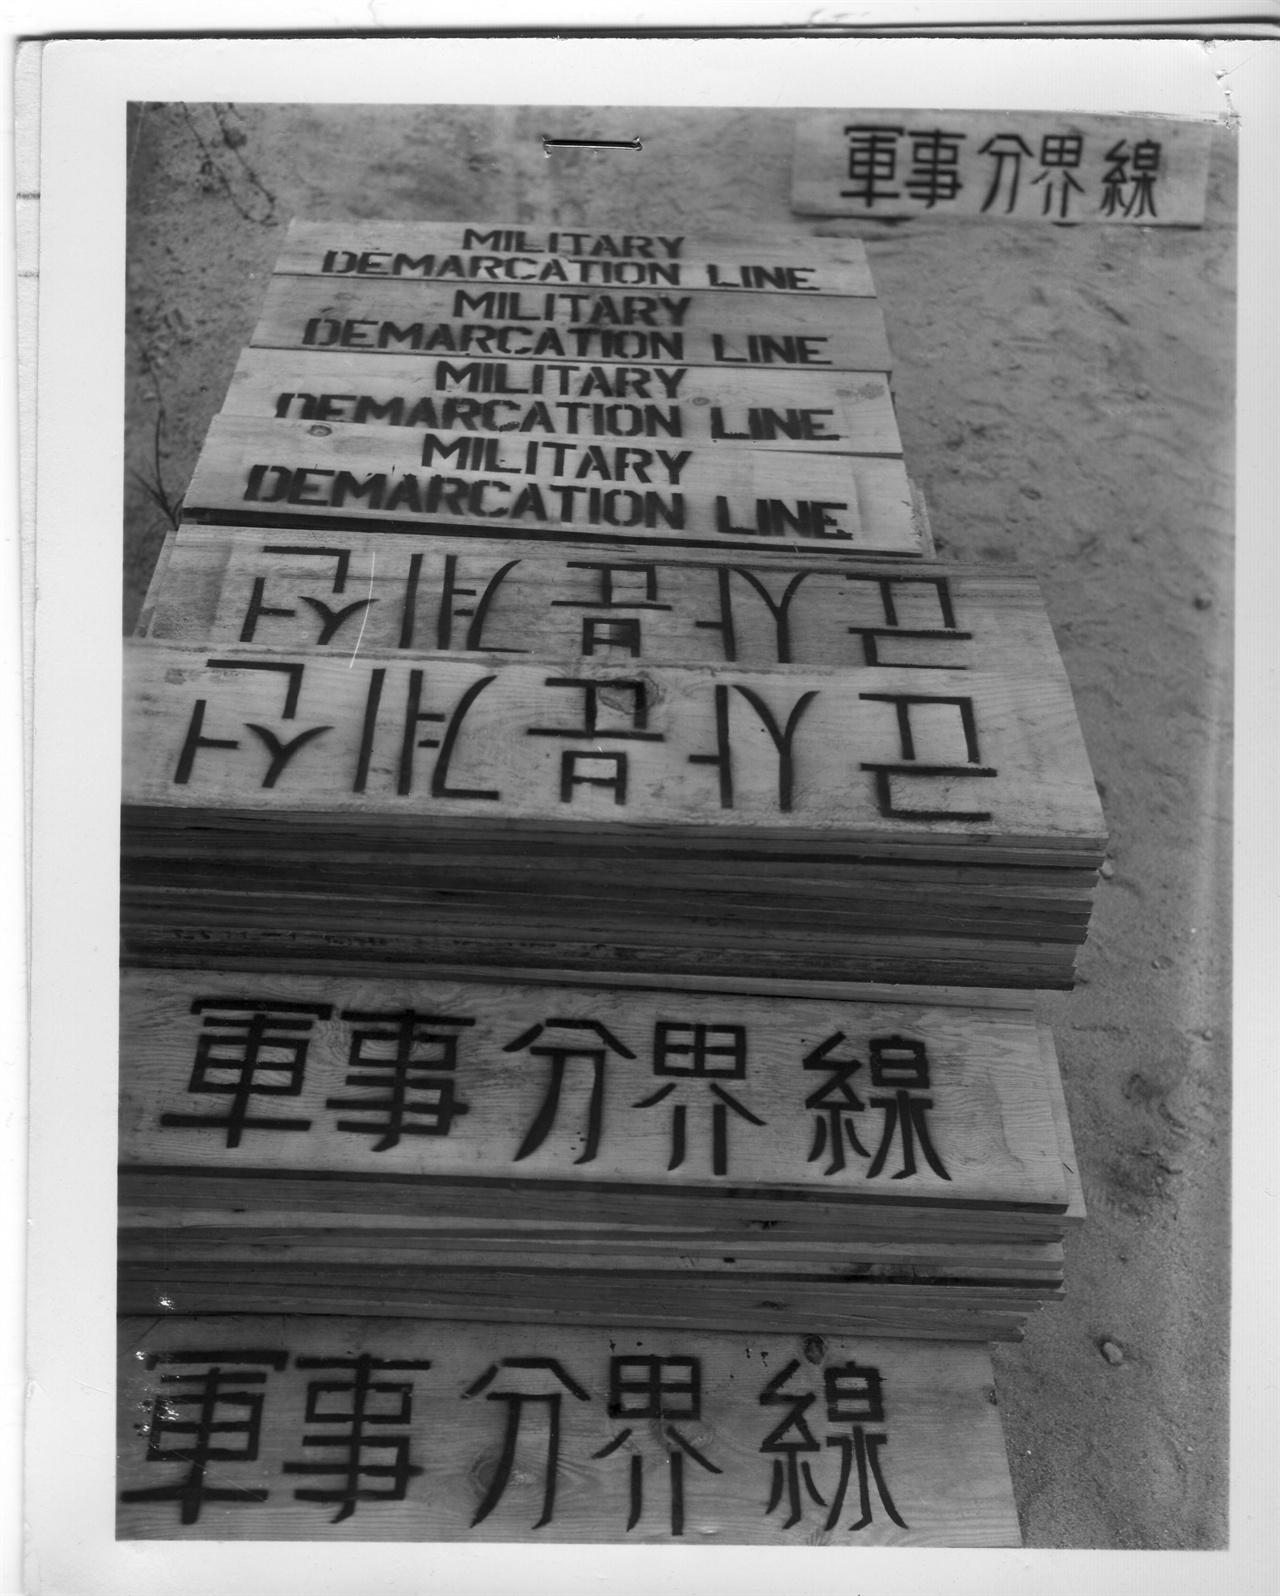 휴전협정 후 비무장 군사분계선에 세울 표지판들. 1953. 7. 31.